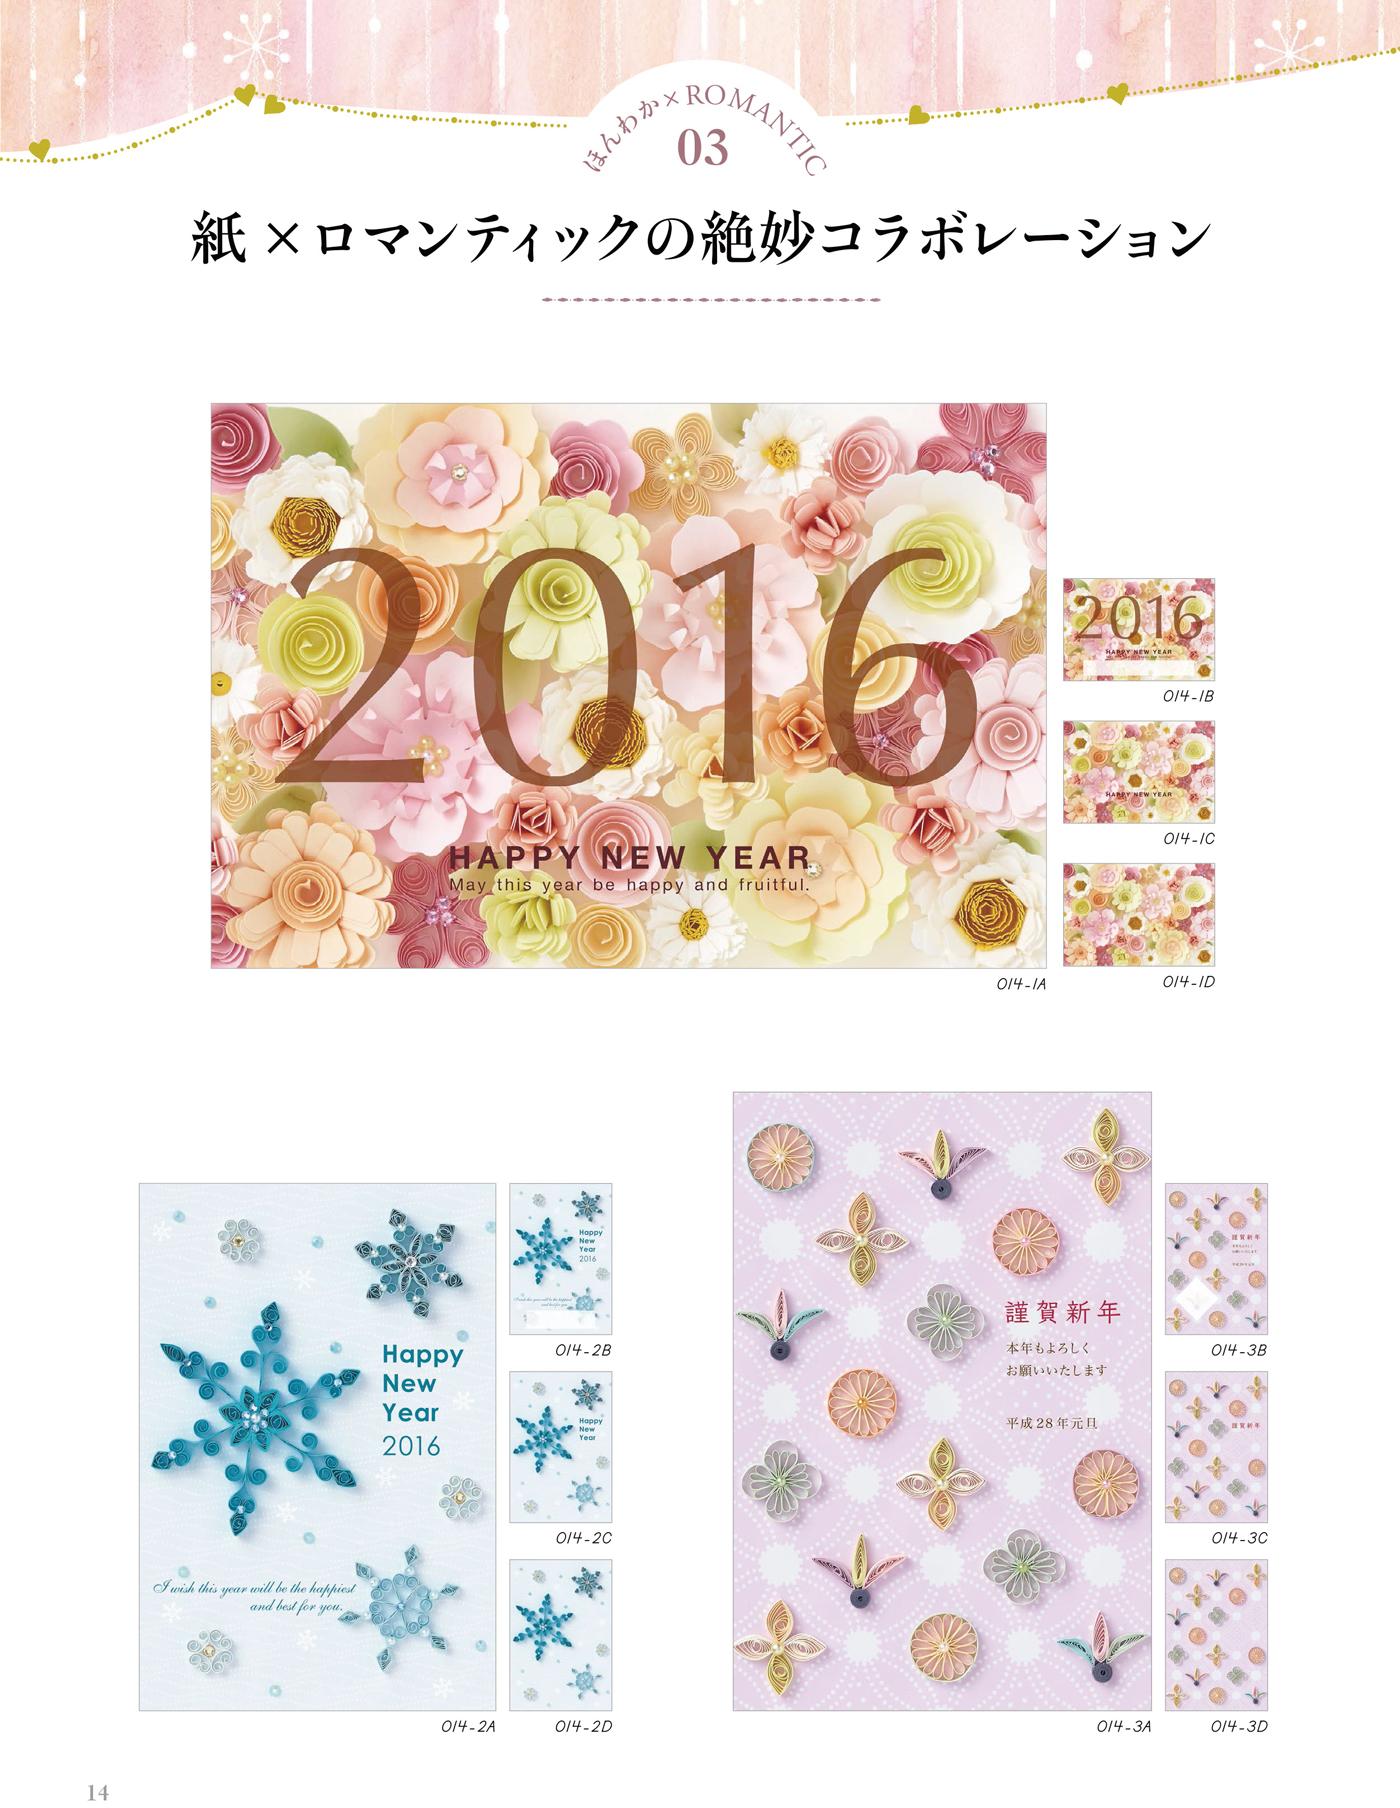 「キラリ☆と輝くおしゃれな年賀状2016」P14 NK craft 紙×ロマンティックの絶妙コラボレーション